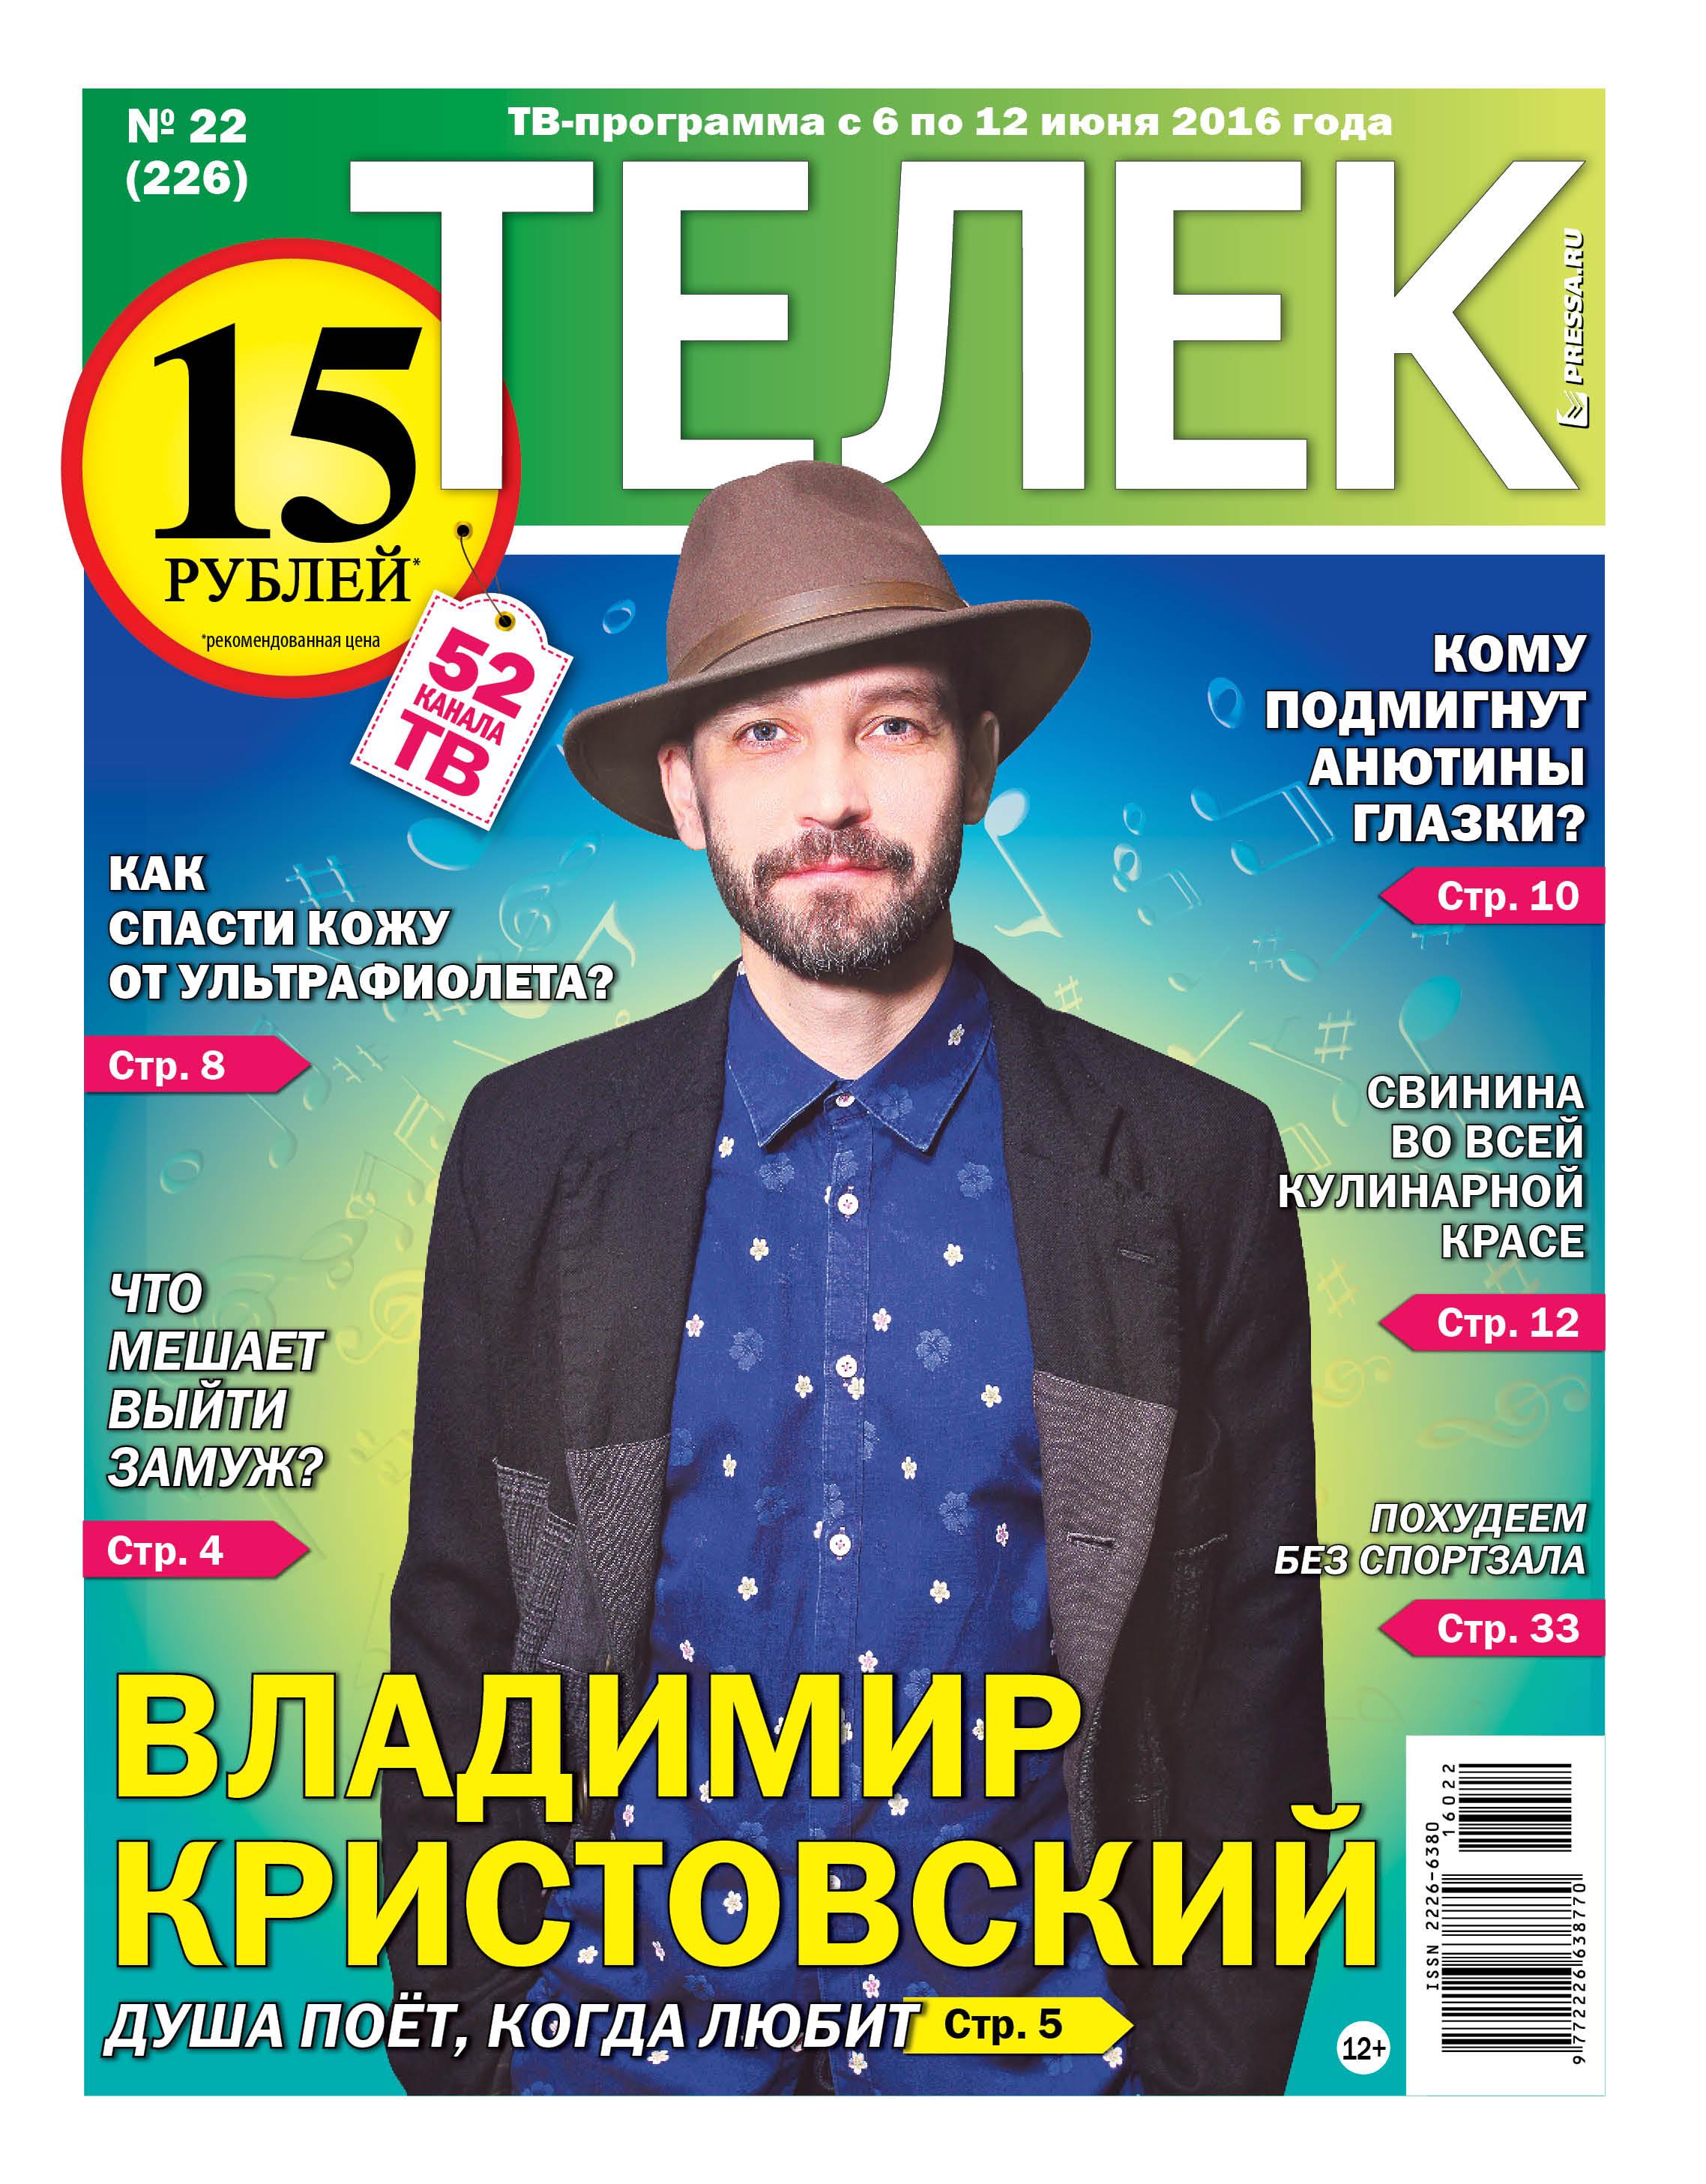 №22 (226) Владимир Кристовский